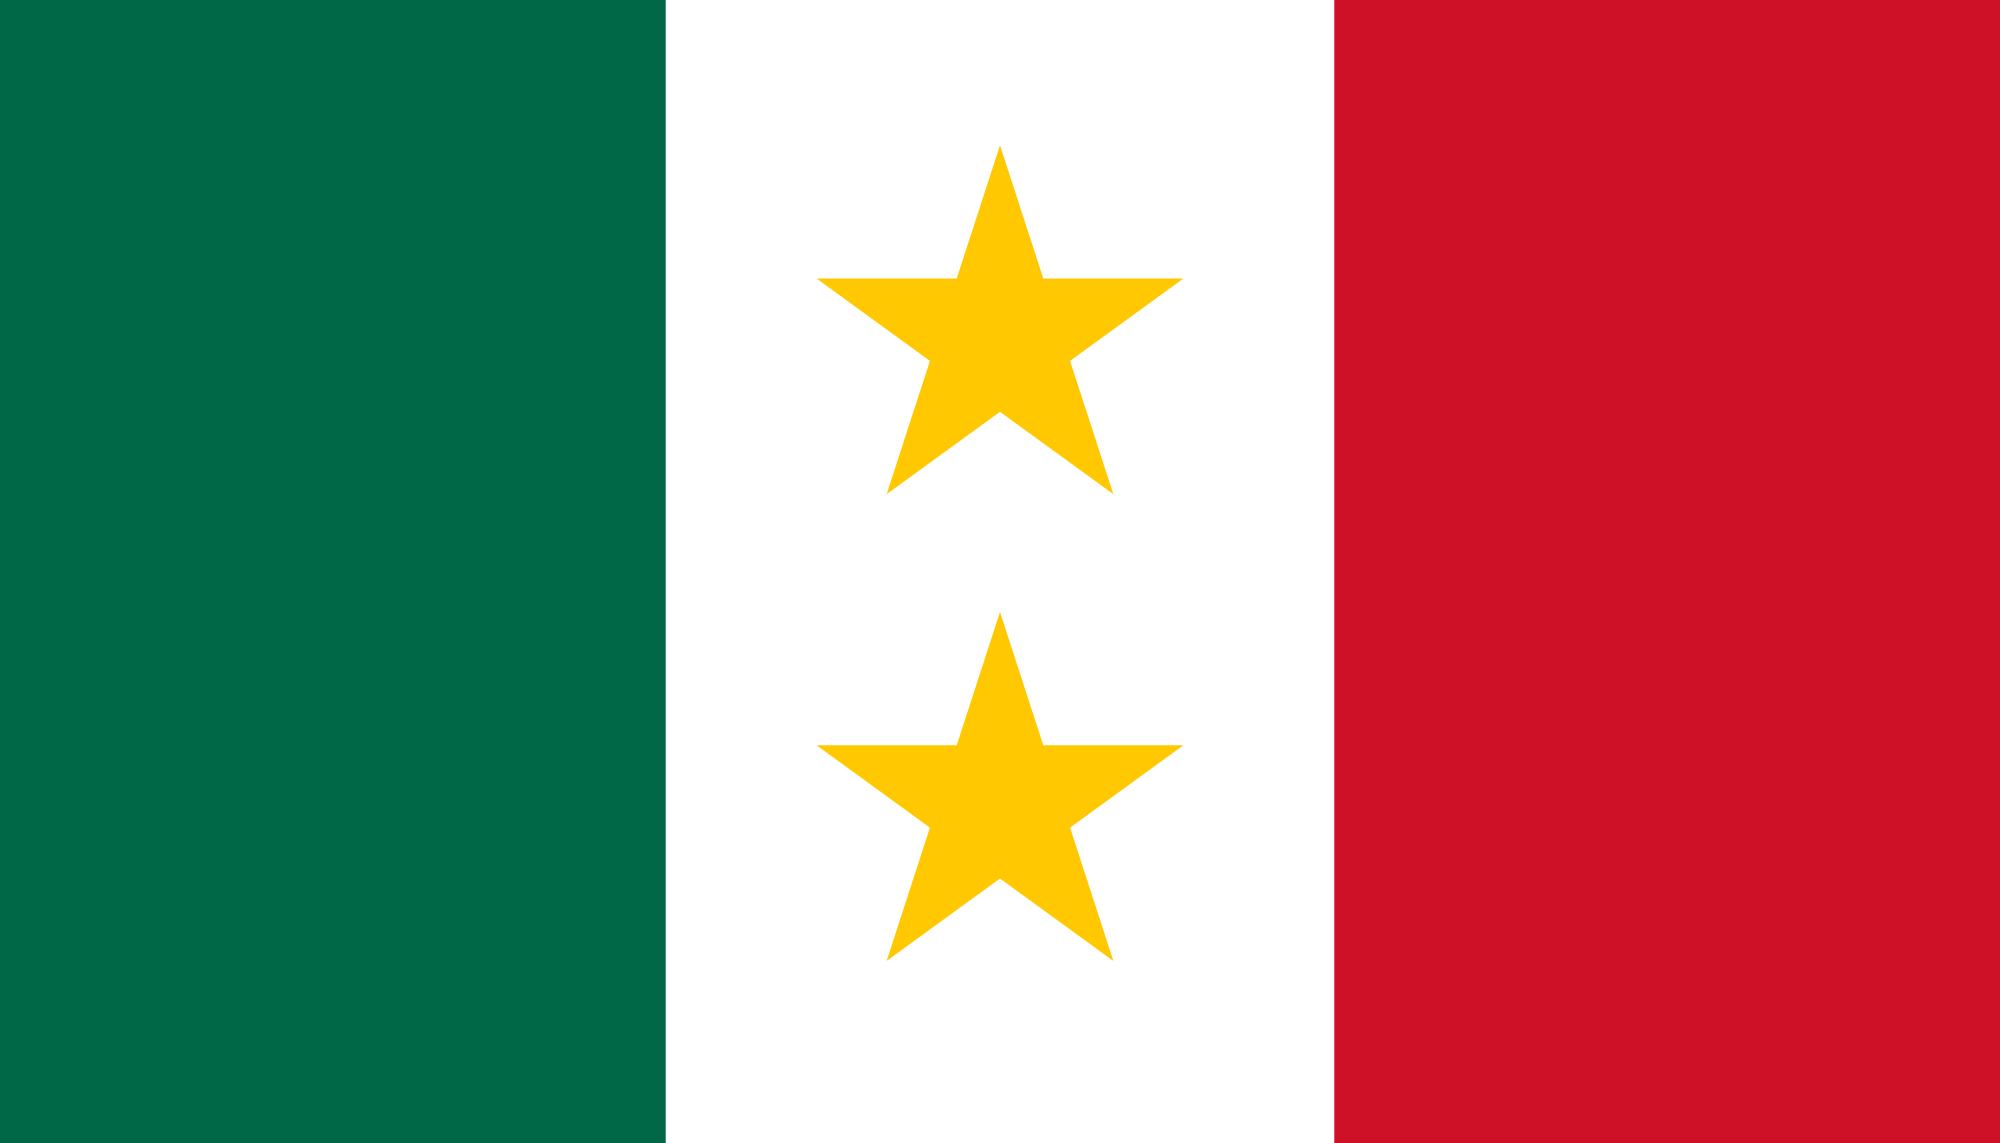 coahuila y tejas flag 1824 to 1835 texas under mexican rule